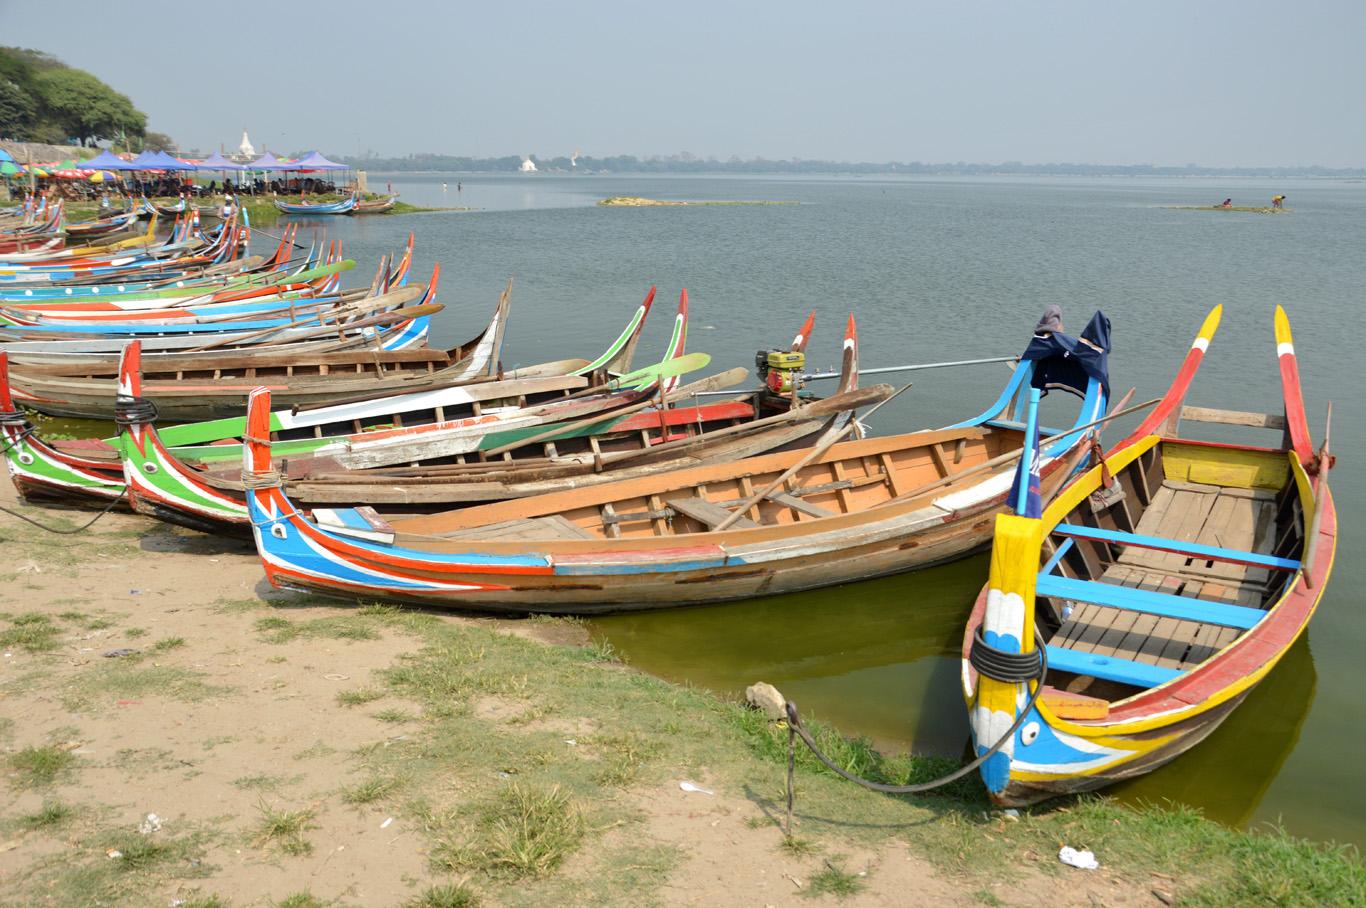 Boats at the Taung Tha Man lake